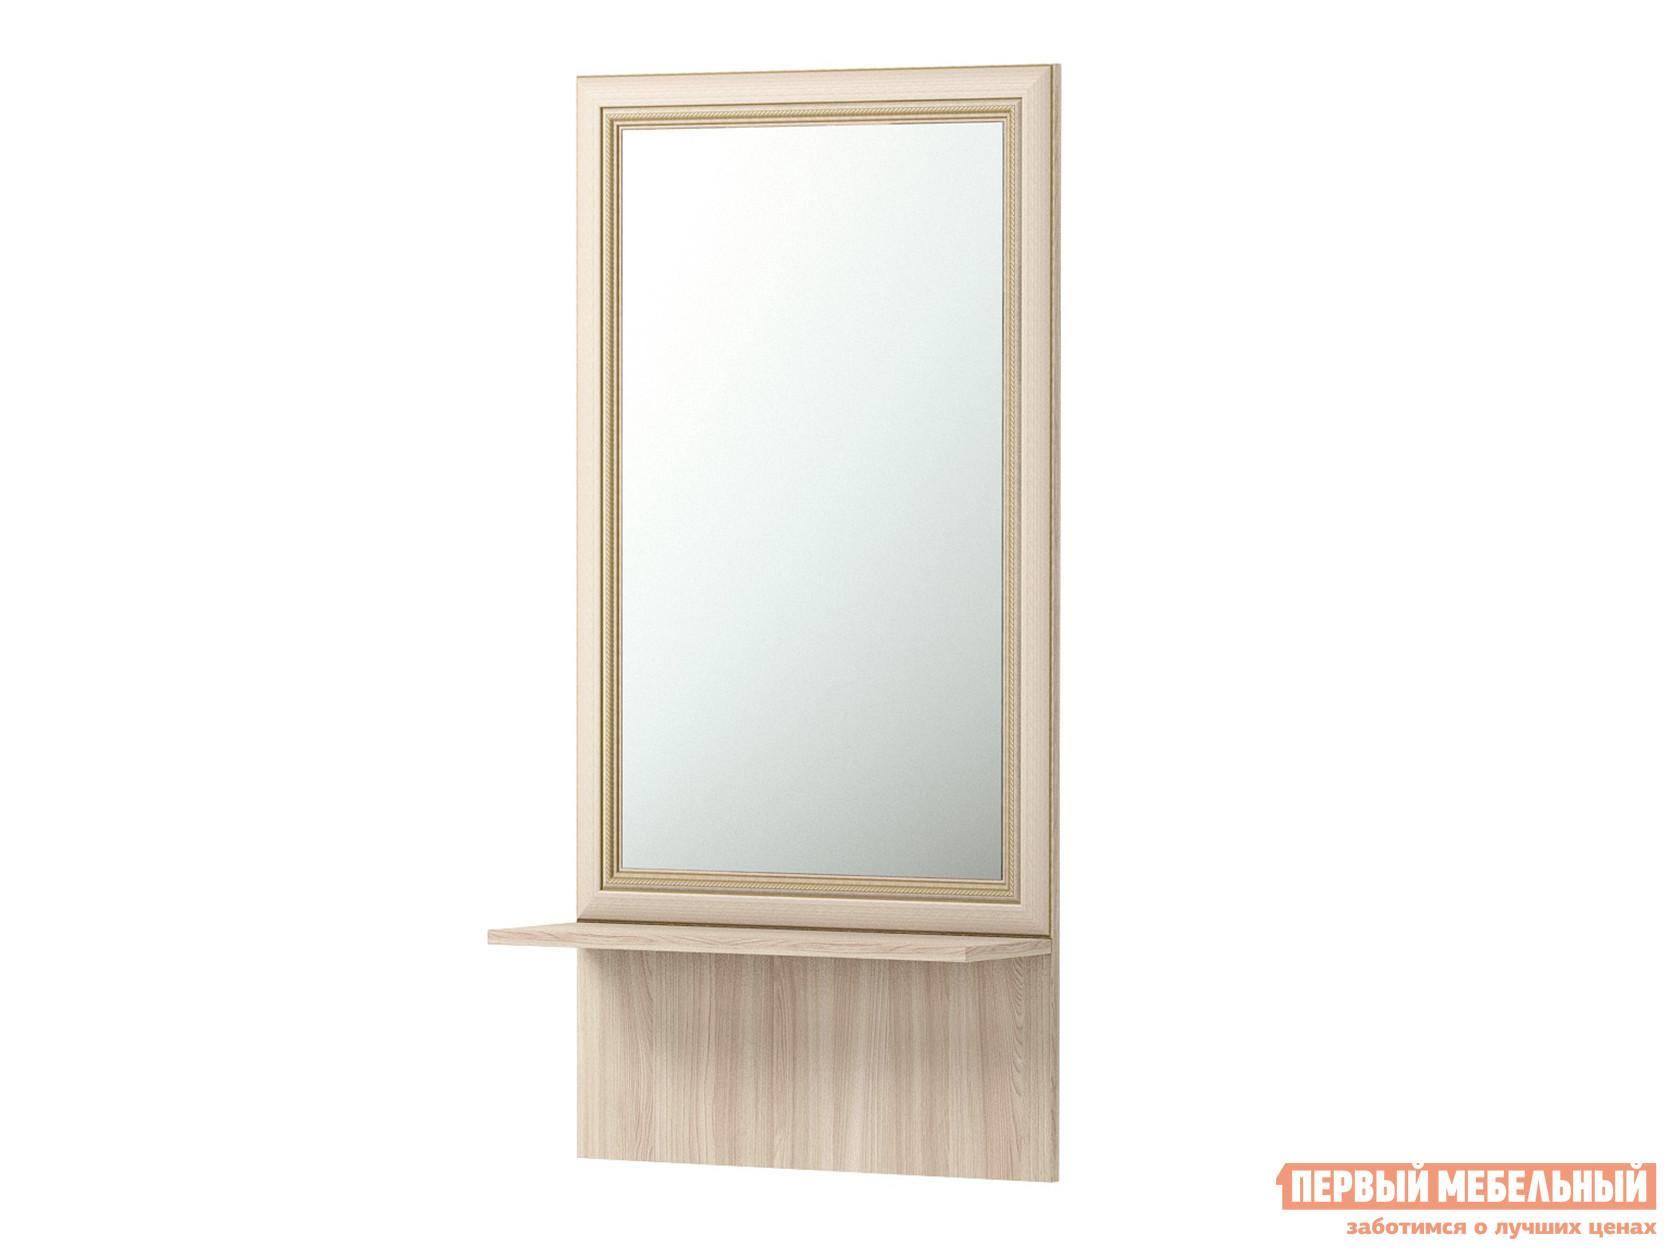 Настенное зеркало с полкой ТД Арника Брайтон 21 все цены